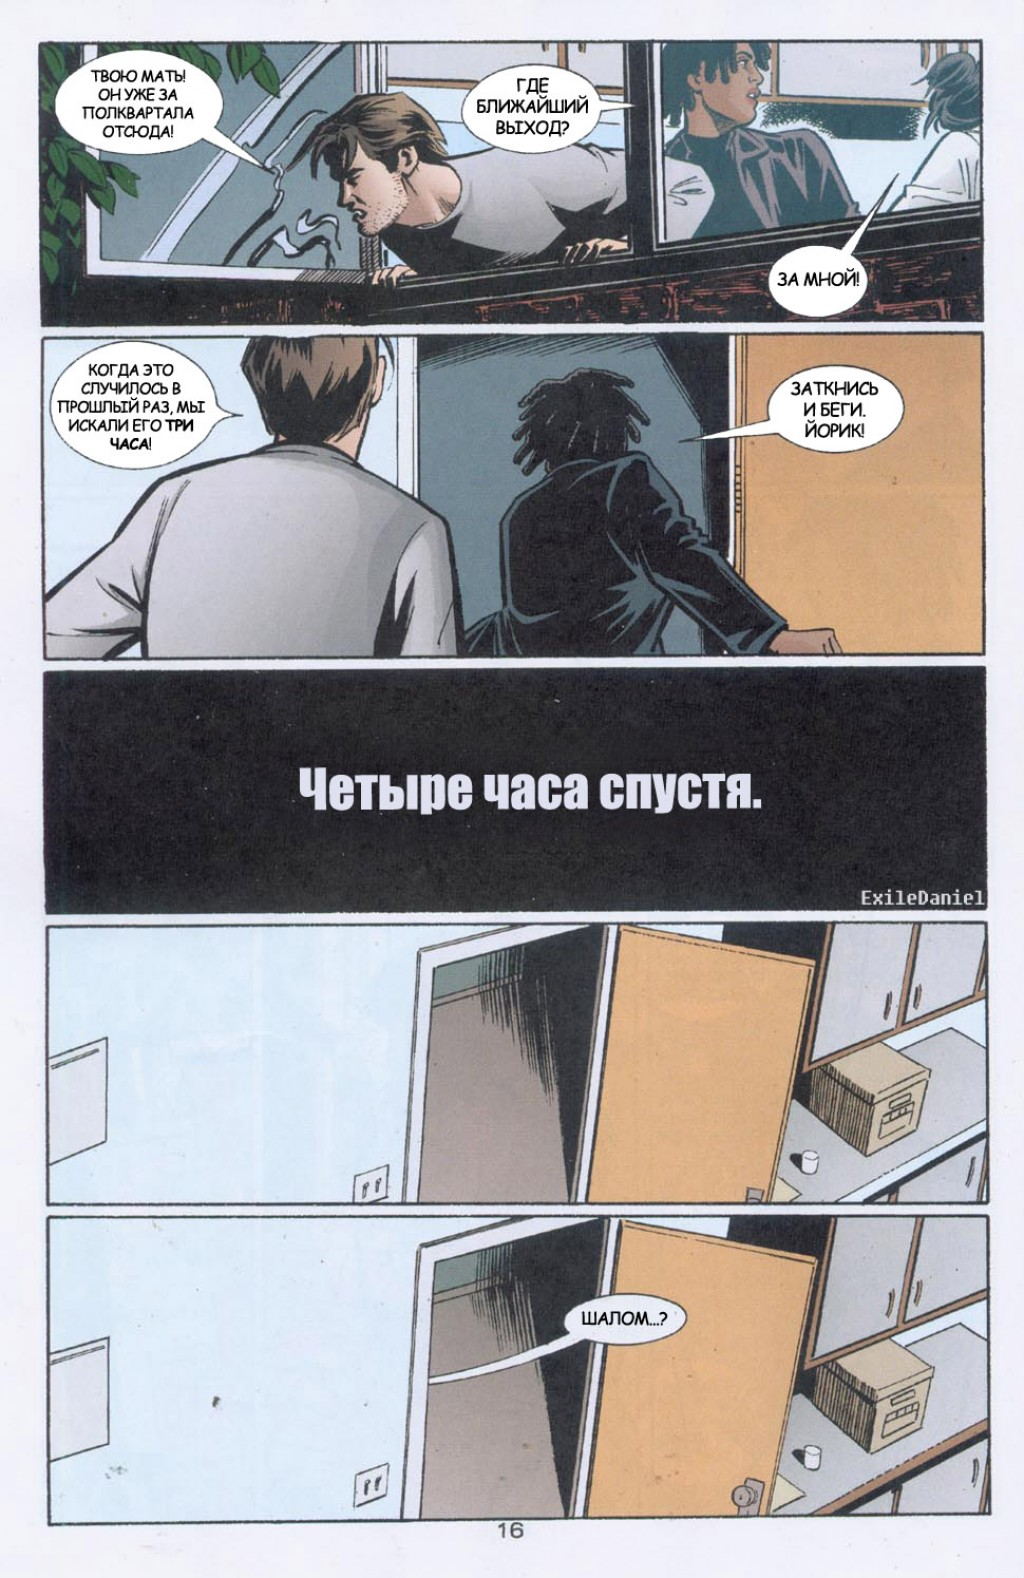 Y_-_The_Last_Man_05_p16.jpg